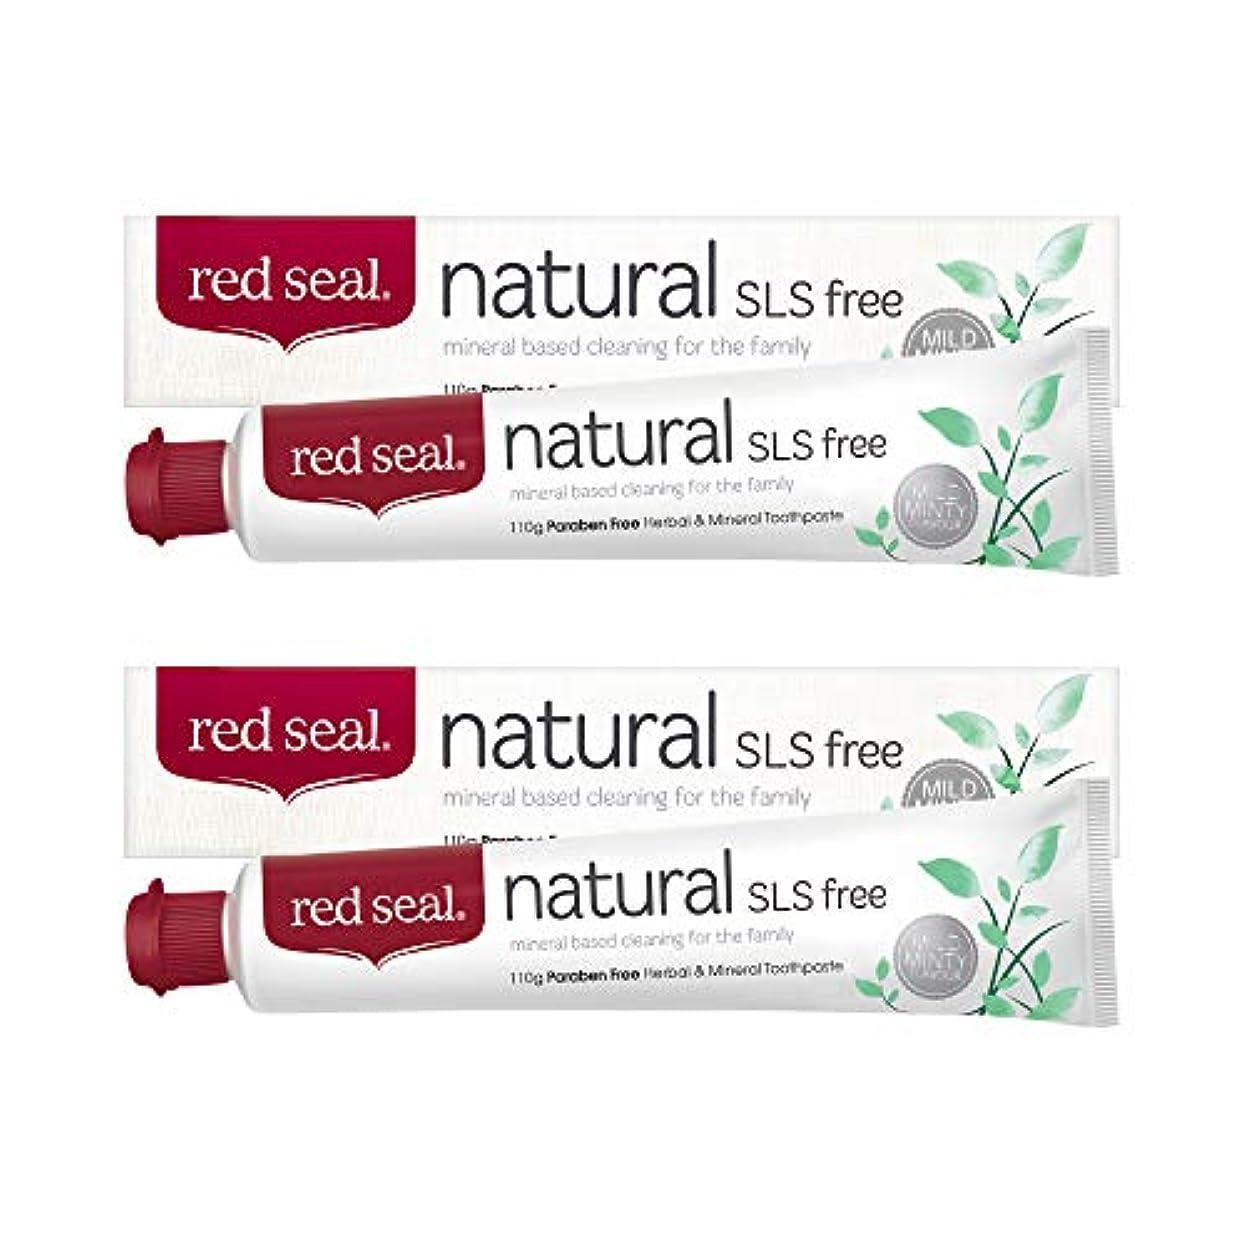 【正規輸入商品】シール 歯磨き粉 ナチュラル SLSフリー 110g × 2本セット [ red seal/propolis ]